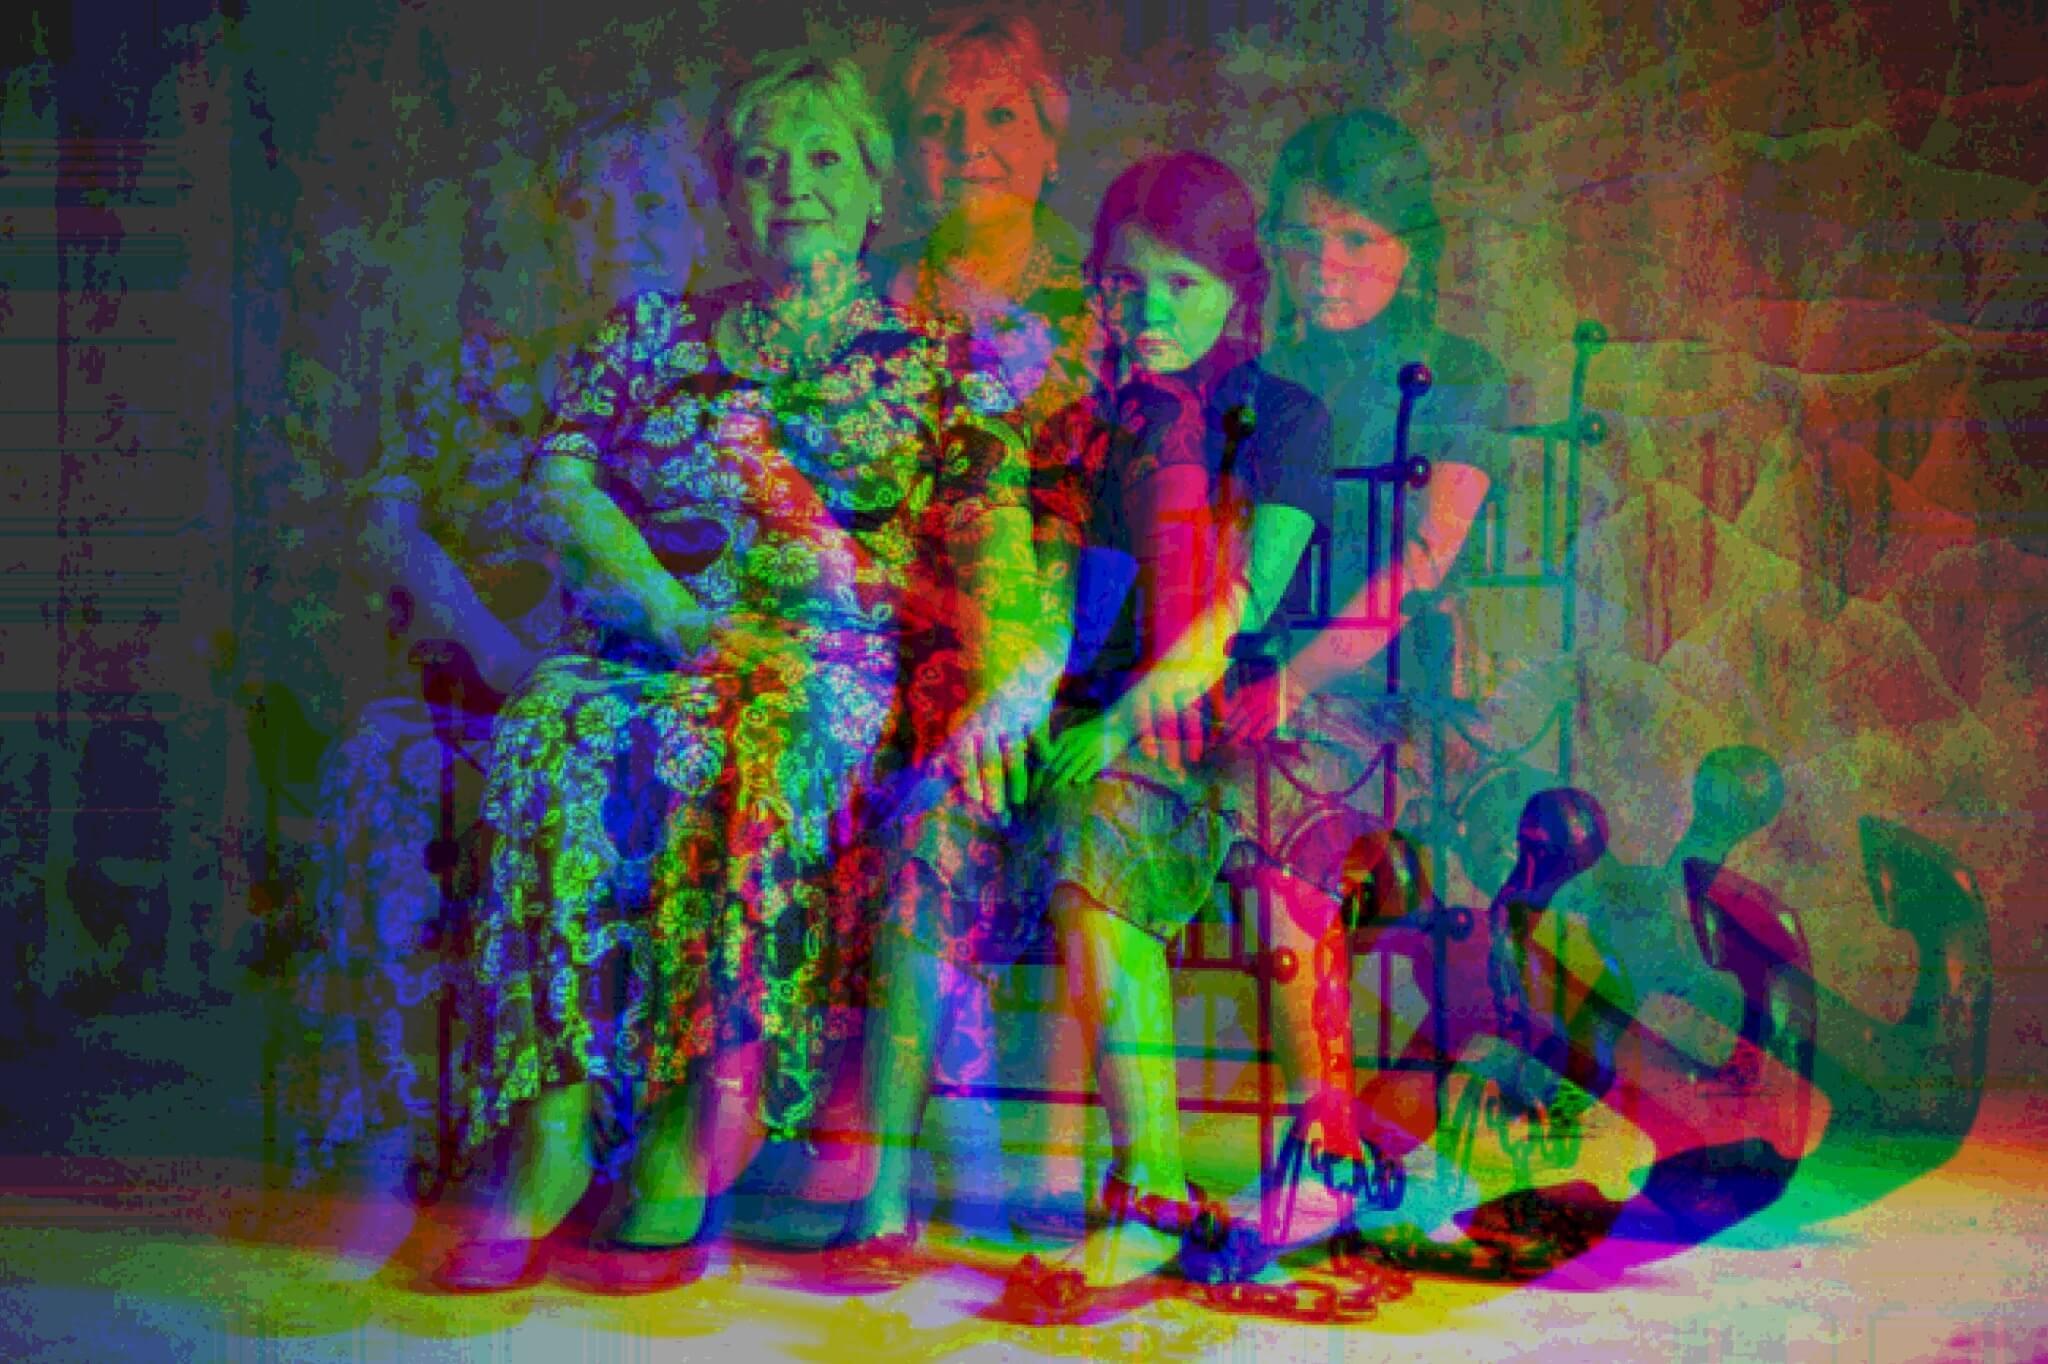 Ошибки наших мам, которые нельзя повторять, иначе они выльются в комплексы наших детей. Психология родительских ошибок, фото | Психологика | psiho-logika.com